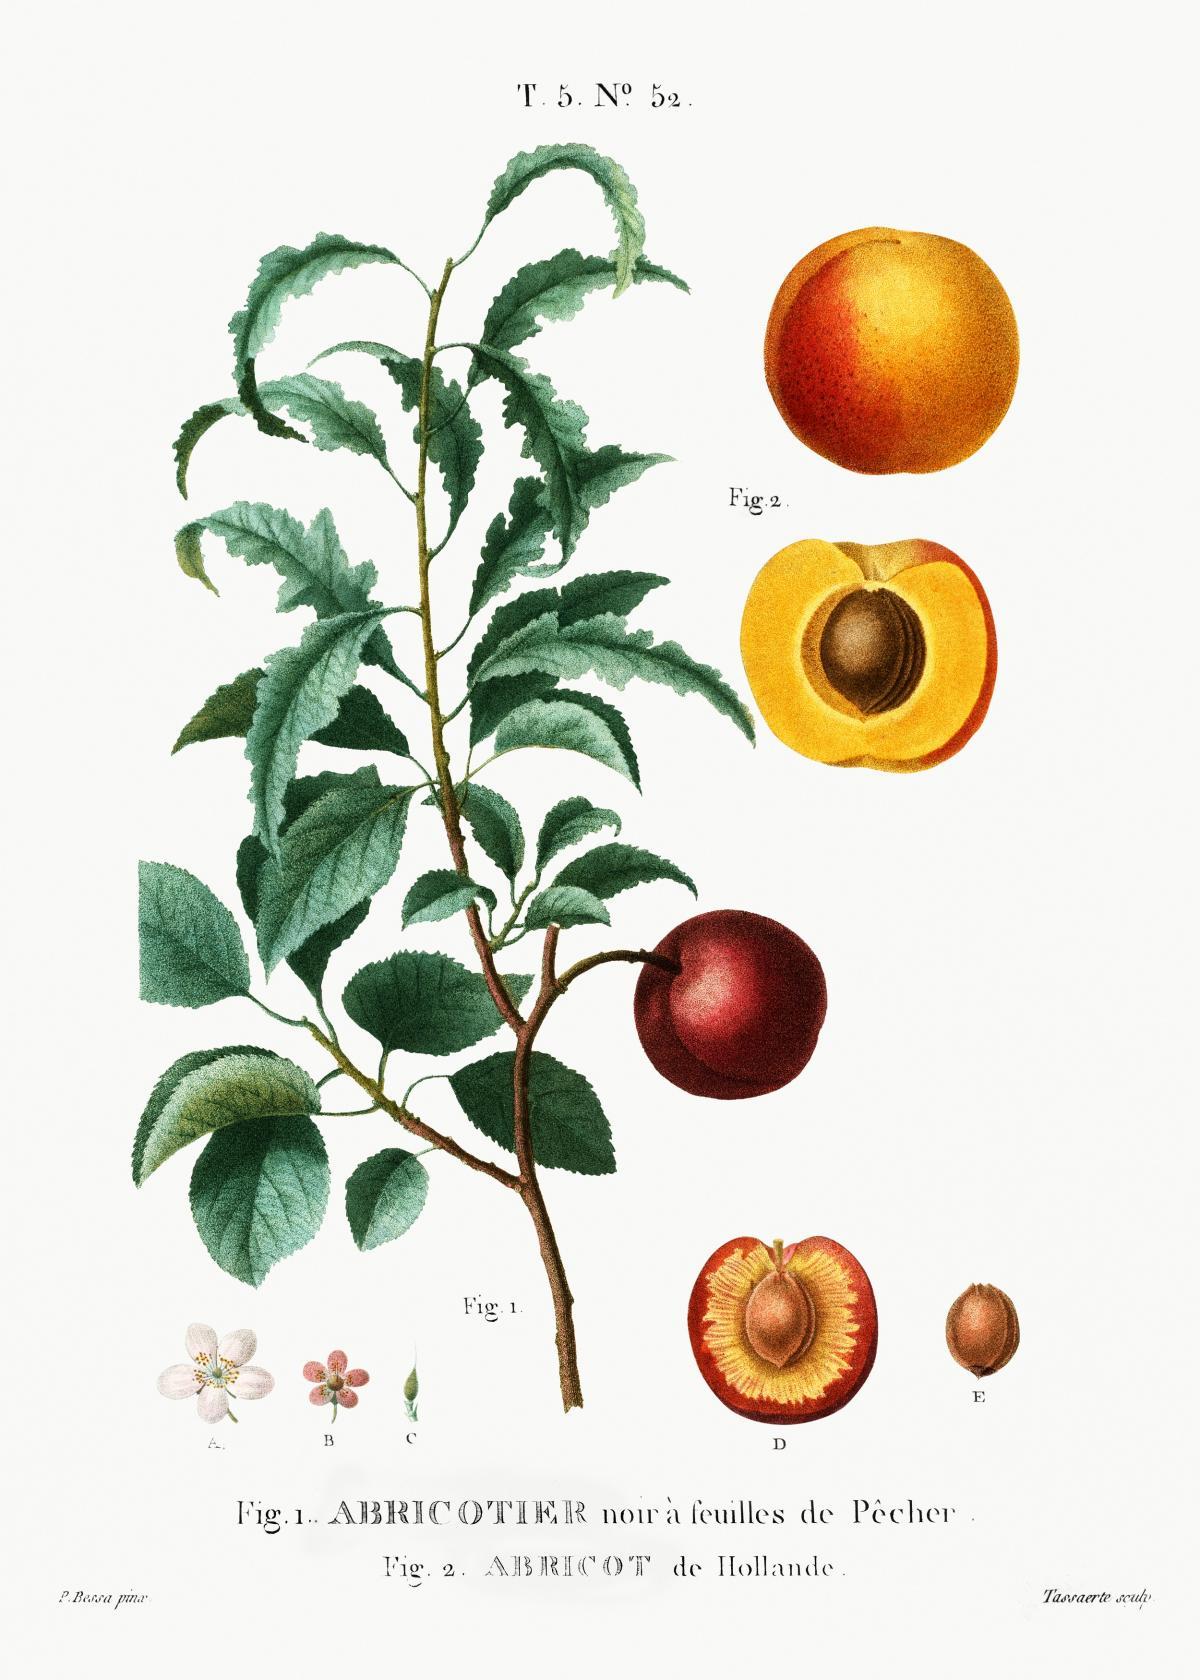 Inside part of apricot. Apricot from Holland (Abricot de Hollande) from Traité des Arbres et Arbustes que l'on cultive en France en pleine terre (1801–1819) by Pierre-Joseph Redouté. Original from the New York Public Library.